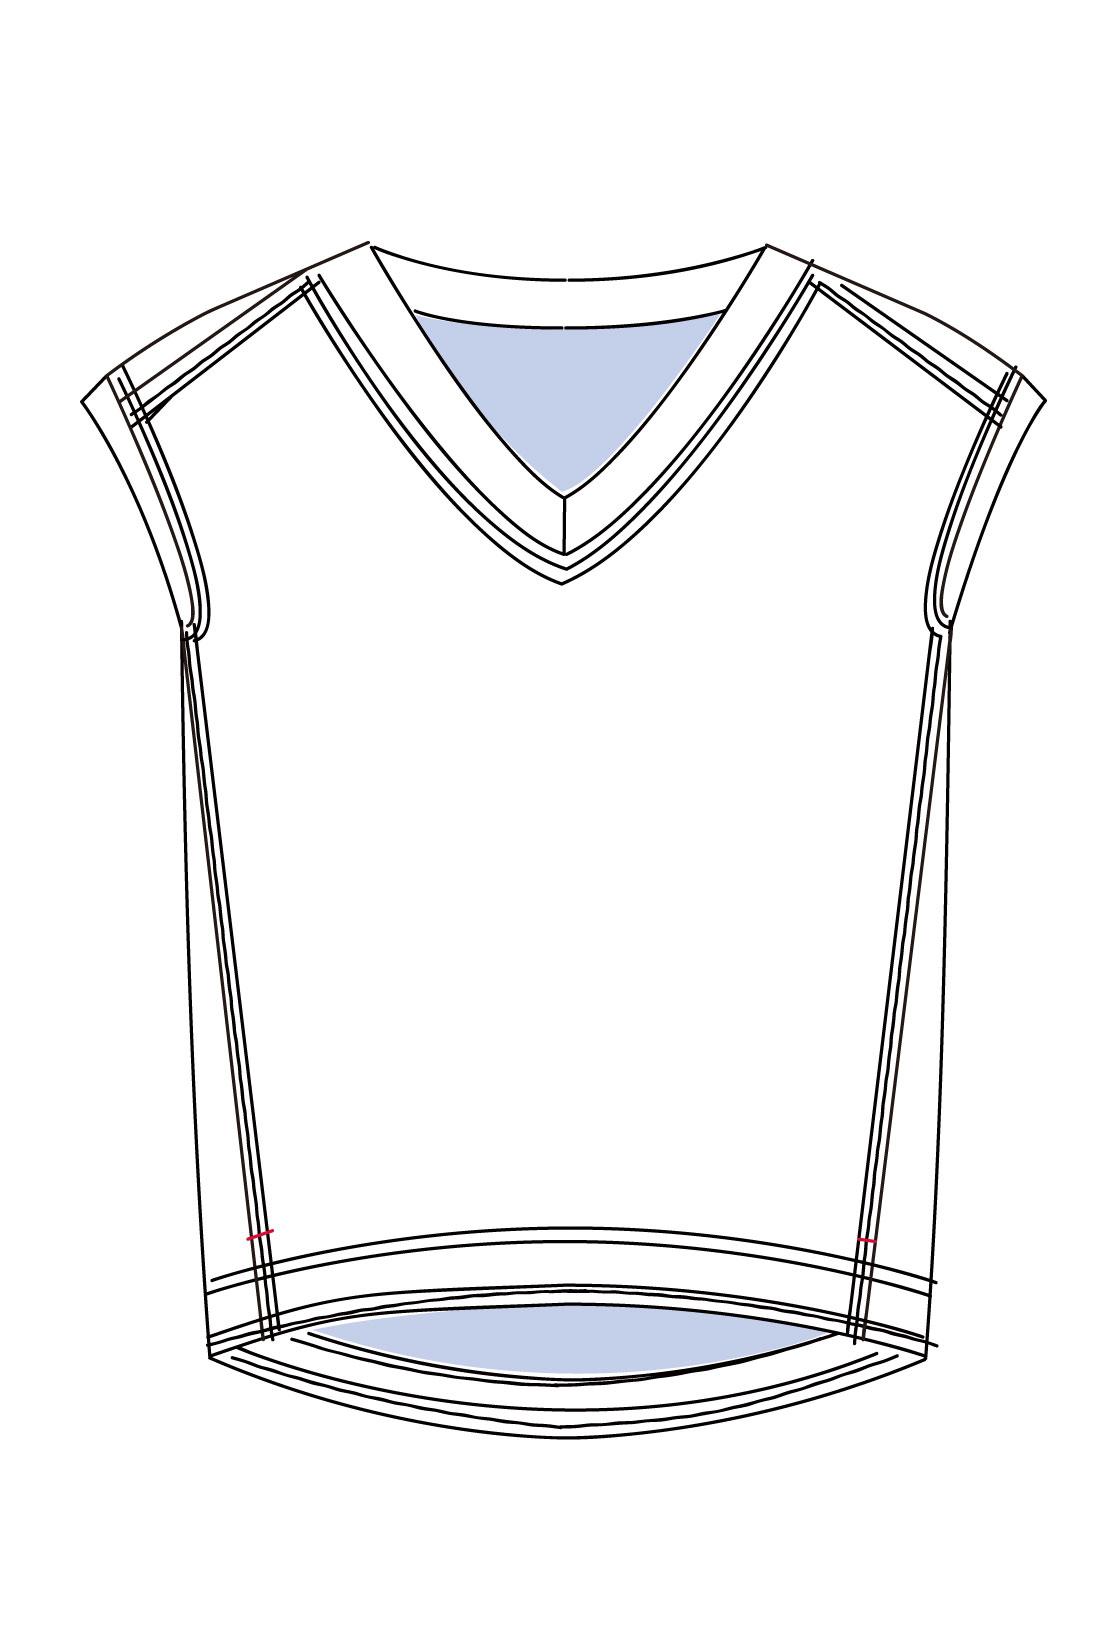 絶妙の袖丈感で二の腕をh沿見せ。すそにはスリット、前身ごろには切り替えを入れるなど、スタイルアップのポイントが満載。